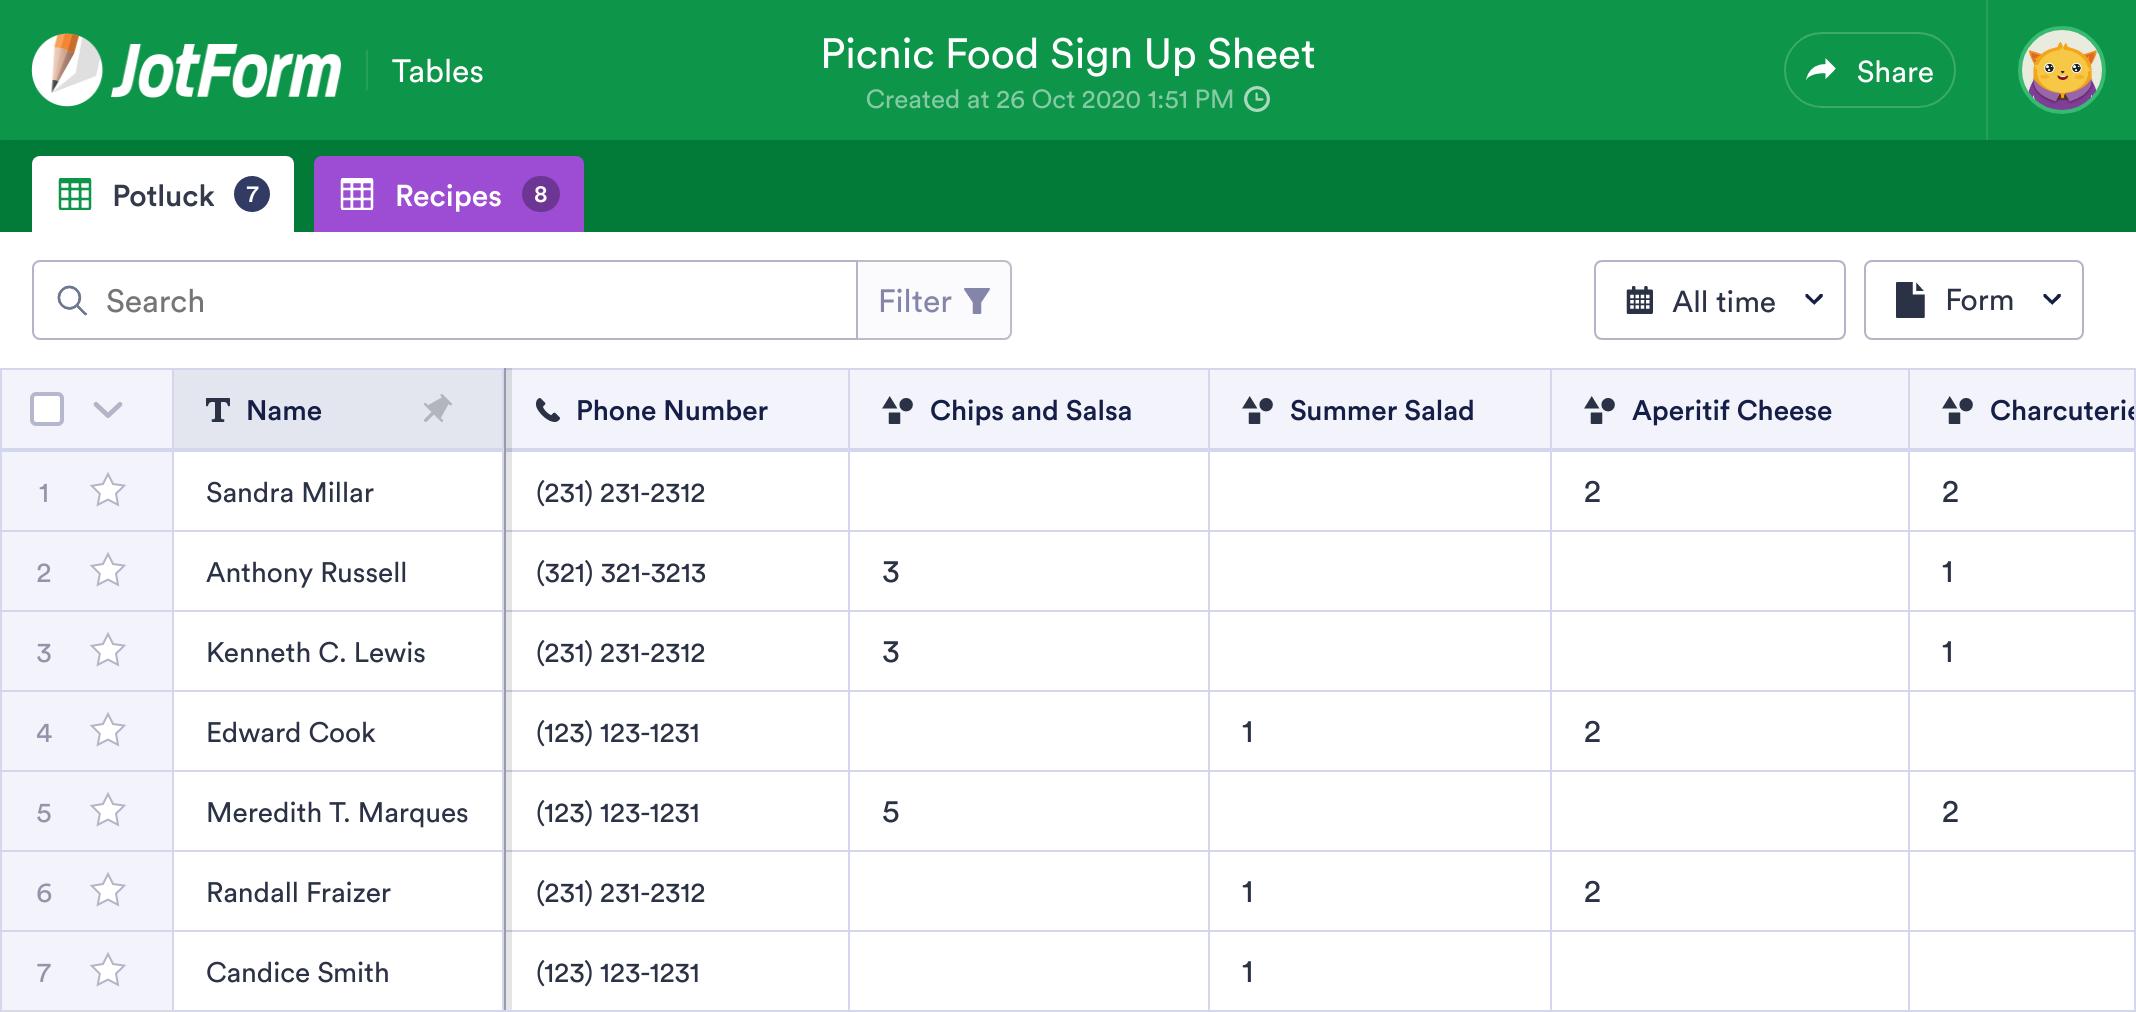 Picnic Food Sign Up Sheet